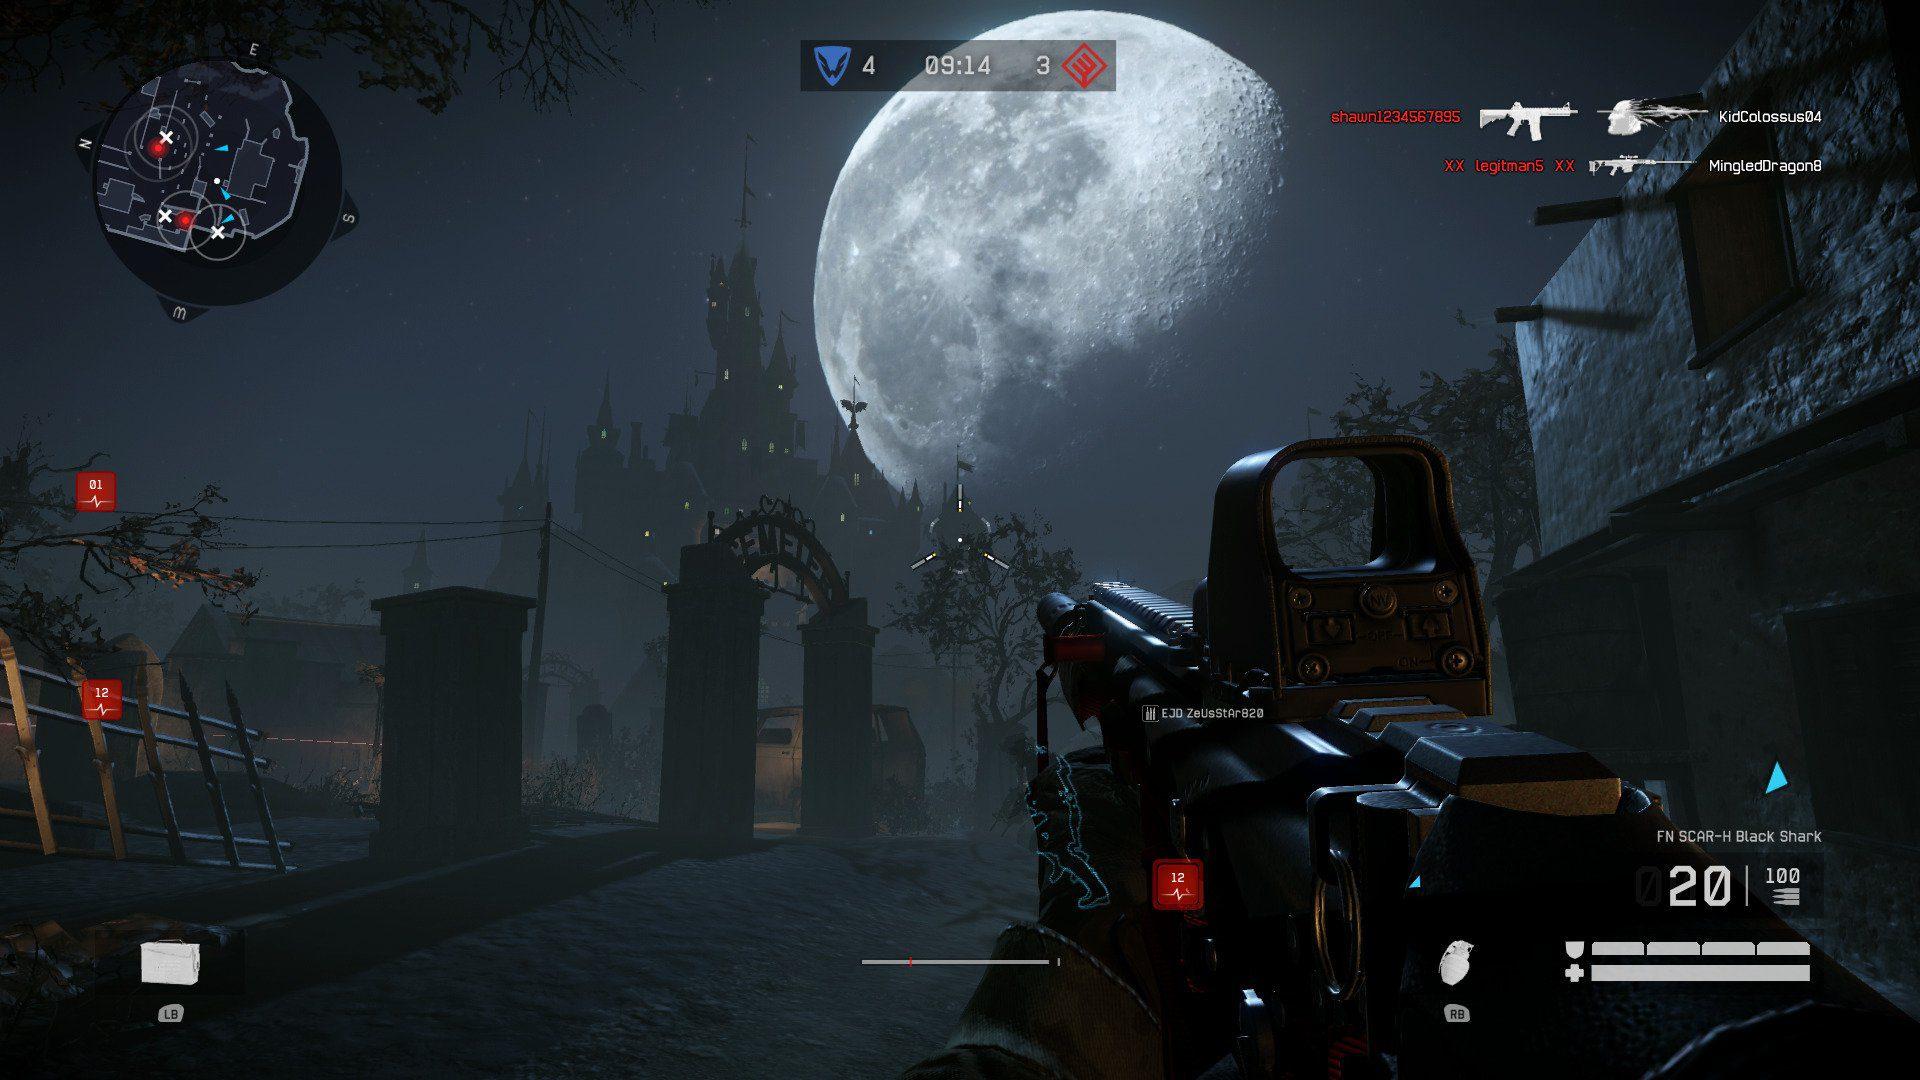 Análisis de Warface - Descubre en Generación Xbox el análisis de Warface, el nuevo shooter gratuito en línea modos JcJ, emocionantes misiones JcE, un arsenal excepcional.